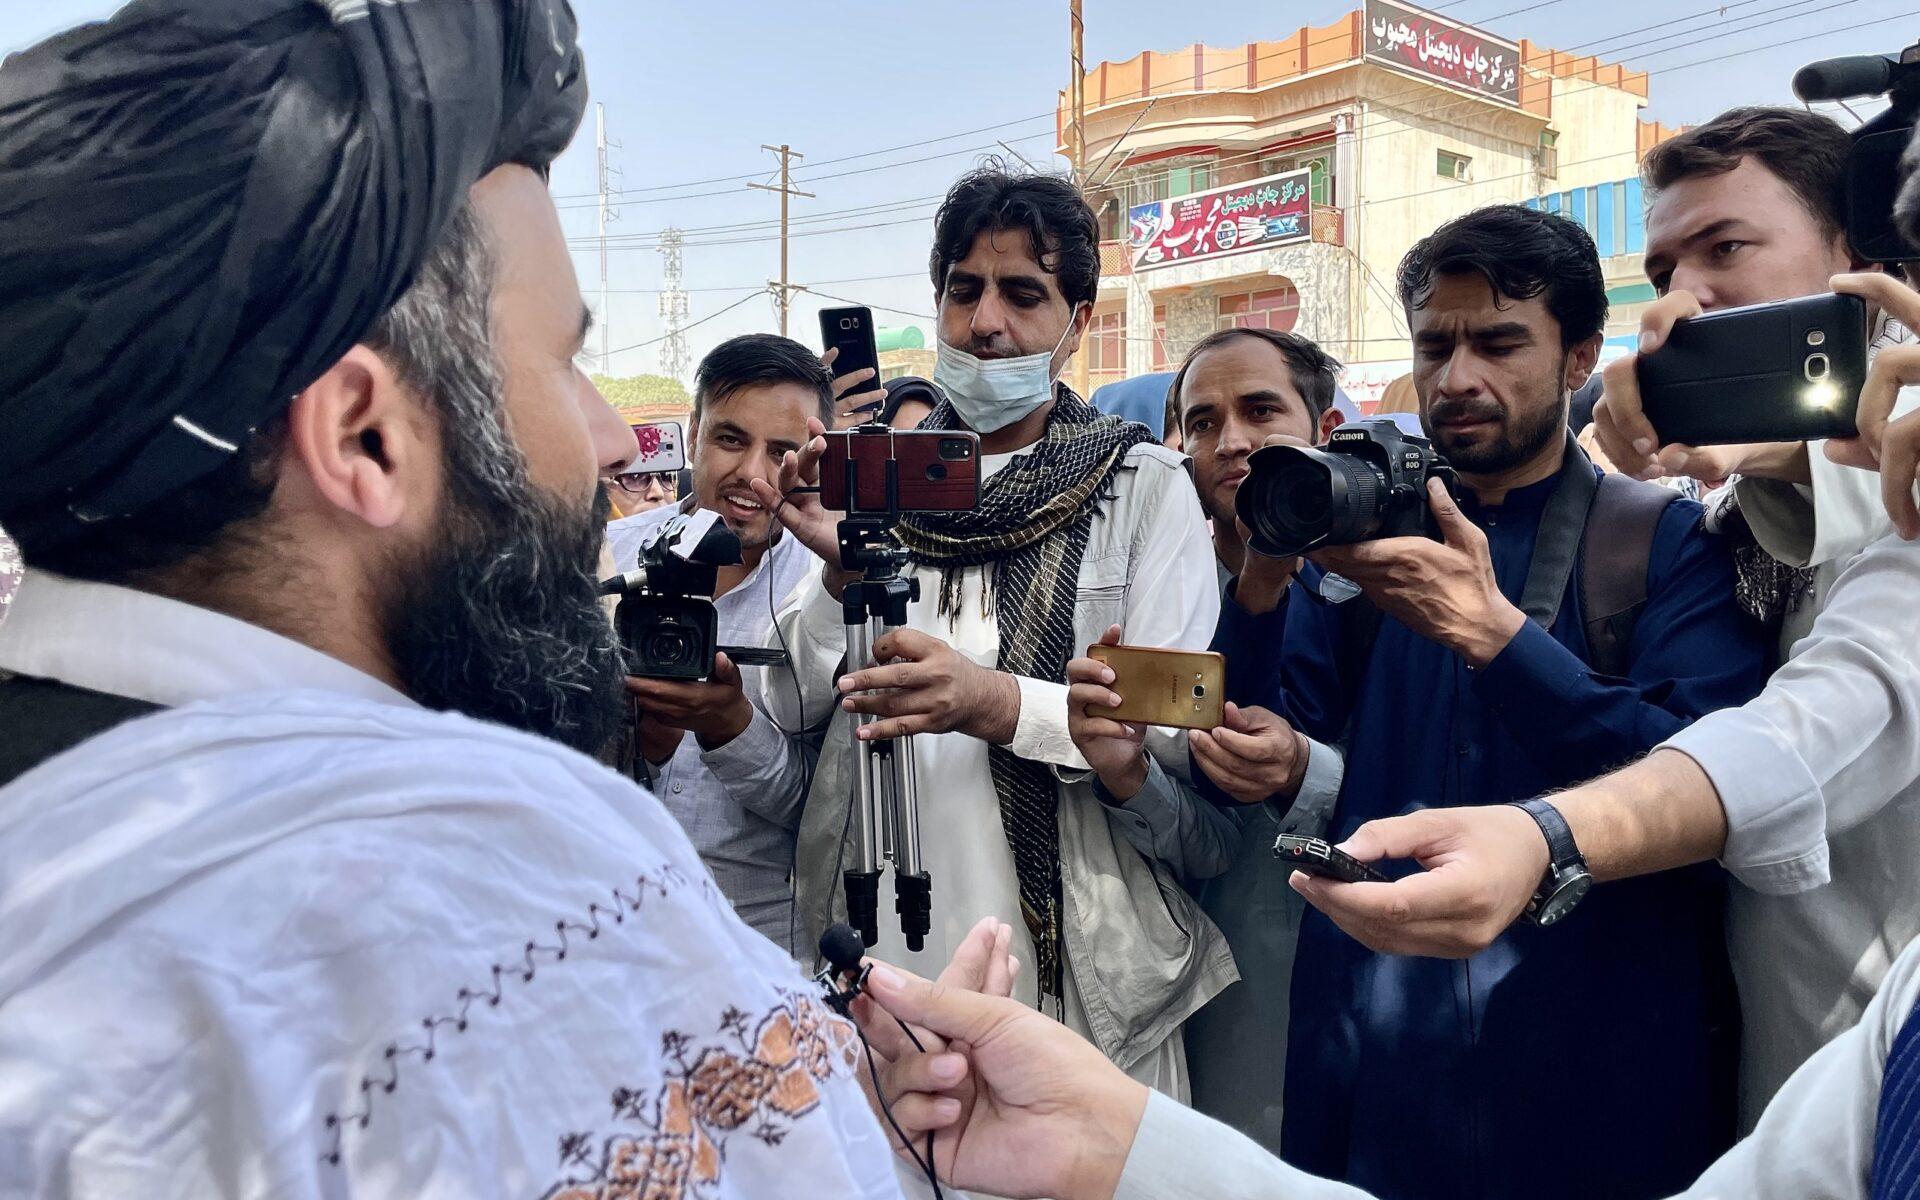 Journalister i Mazar-e-Sharif intervjuar en företrädare för talibanerna.